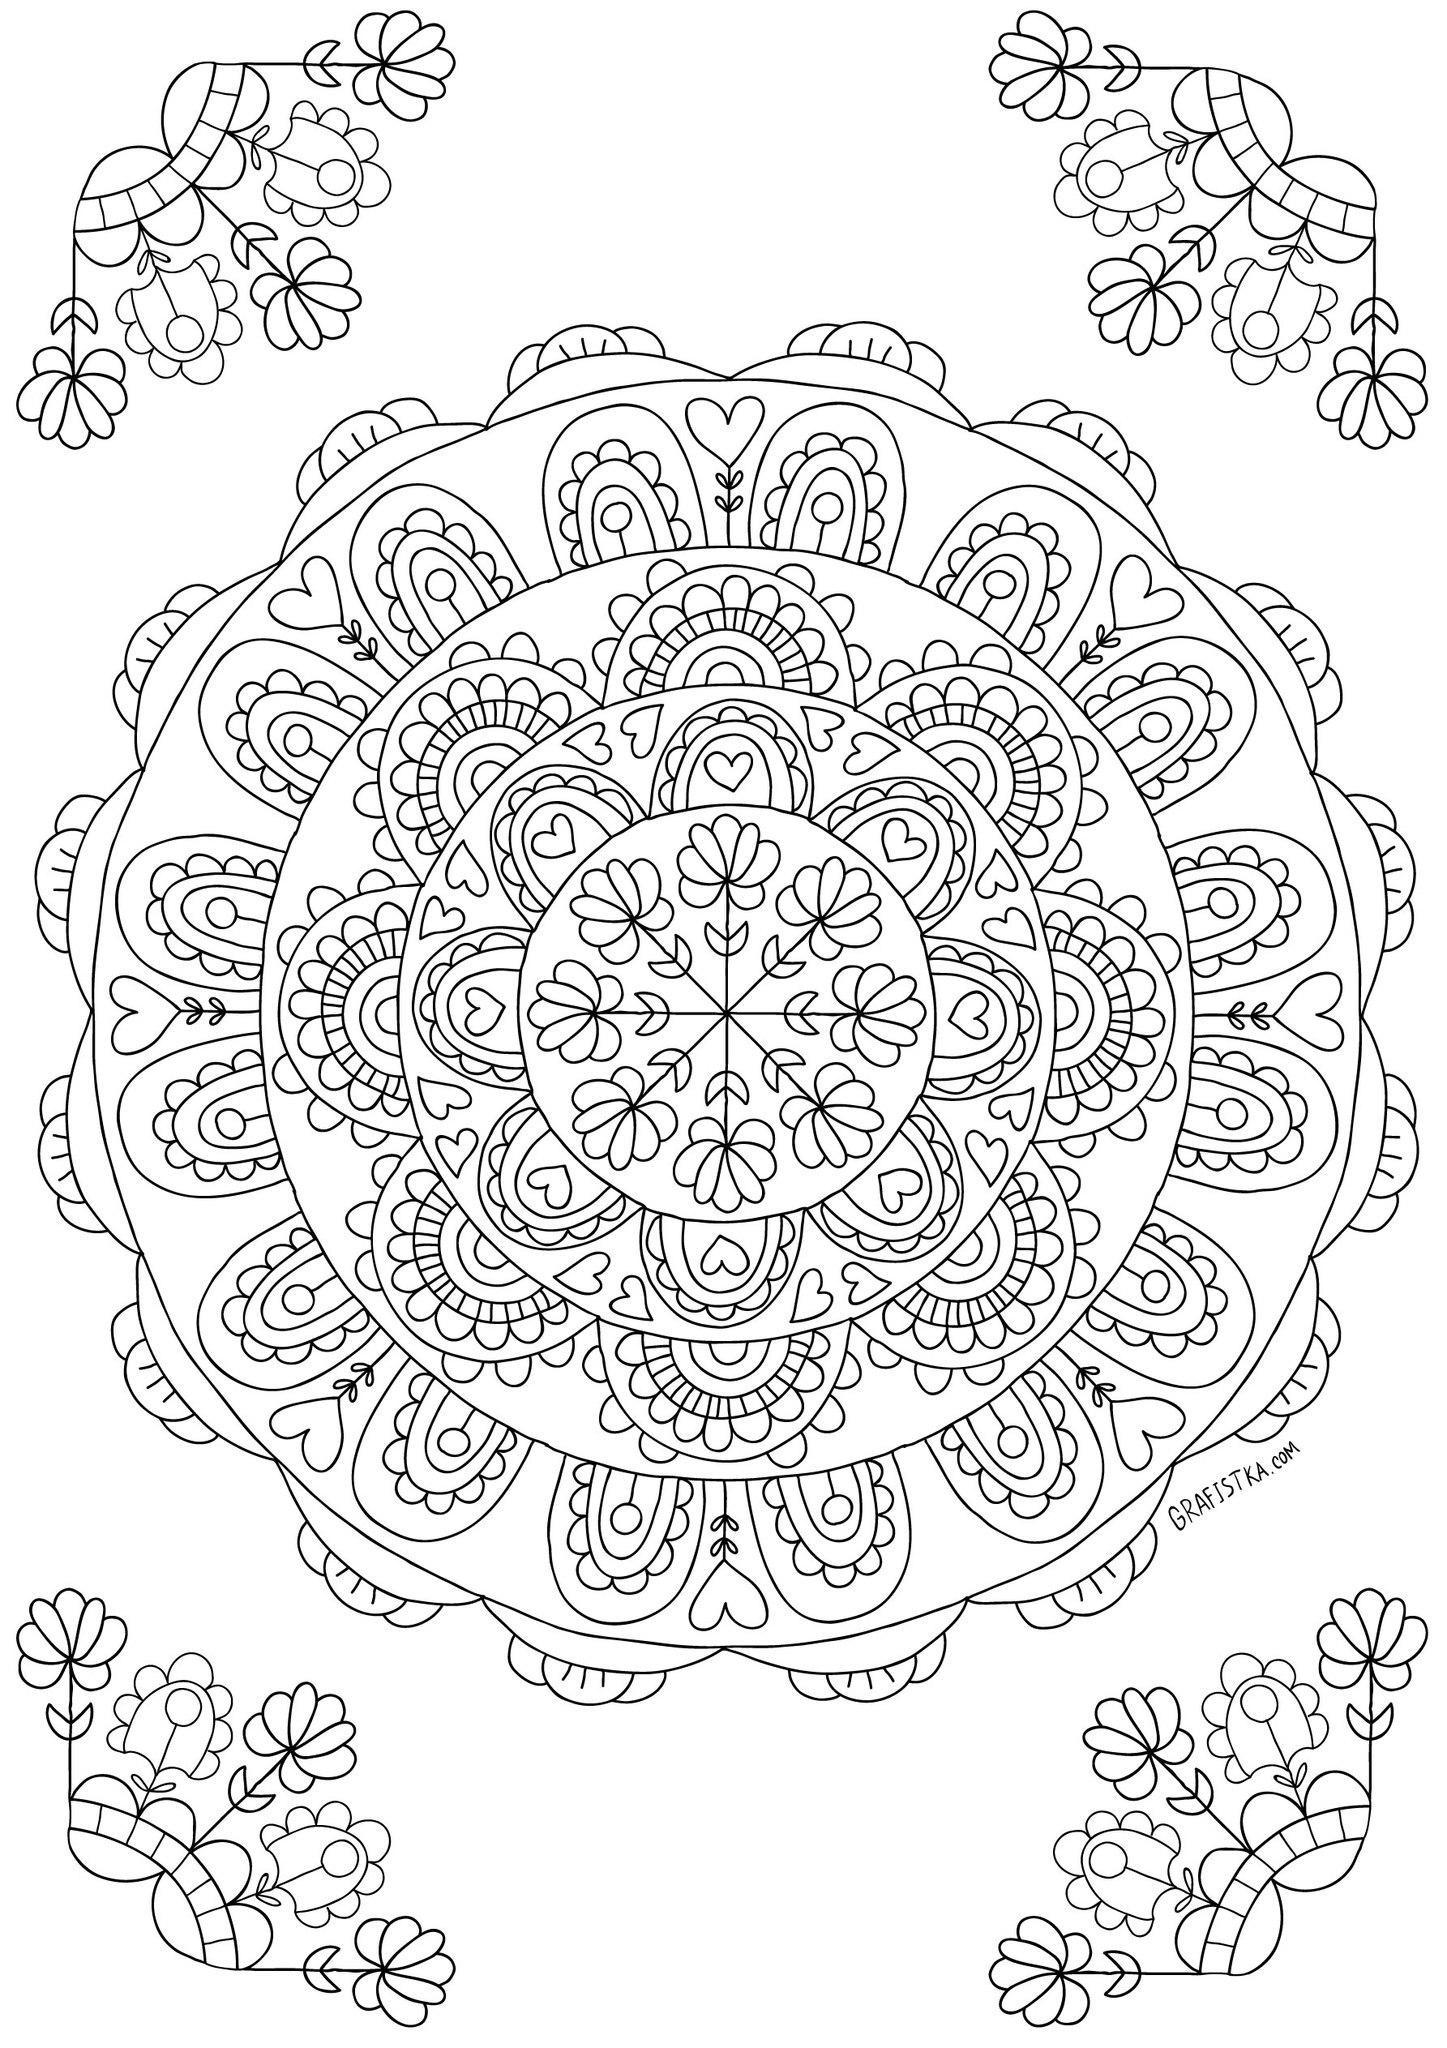 Мандала Раскраски с цветами распечатать бесплатно